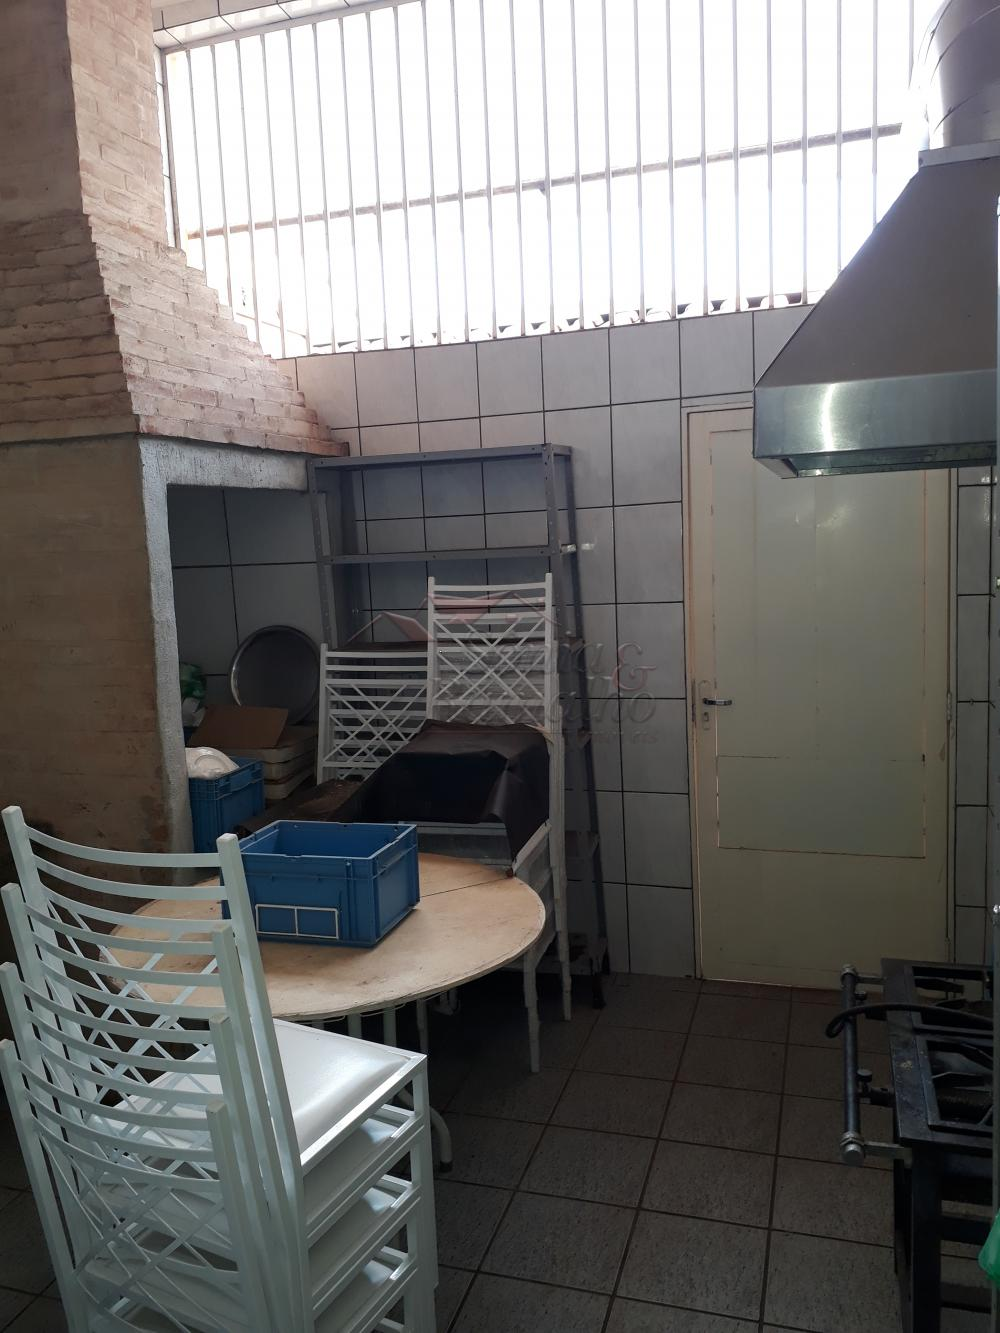 Alugar Casas / Comercial em Ribeirão Preto apenas R$ 2.800,00 - Foto 5